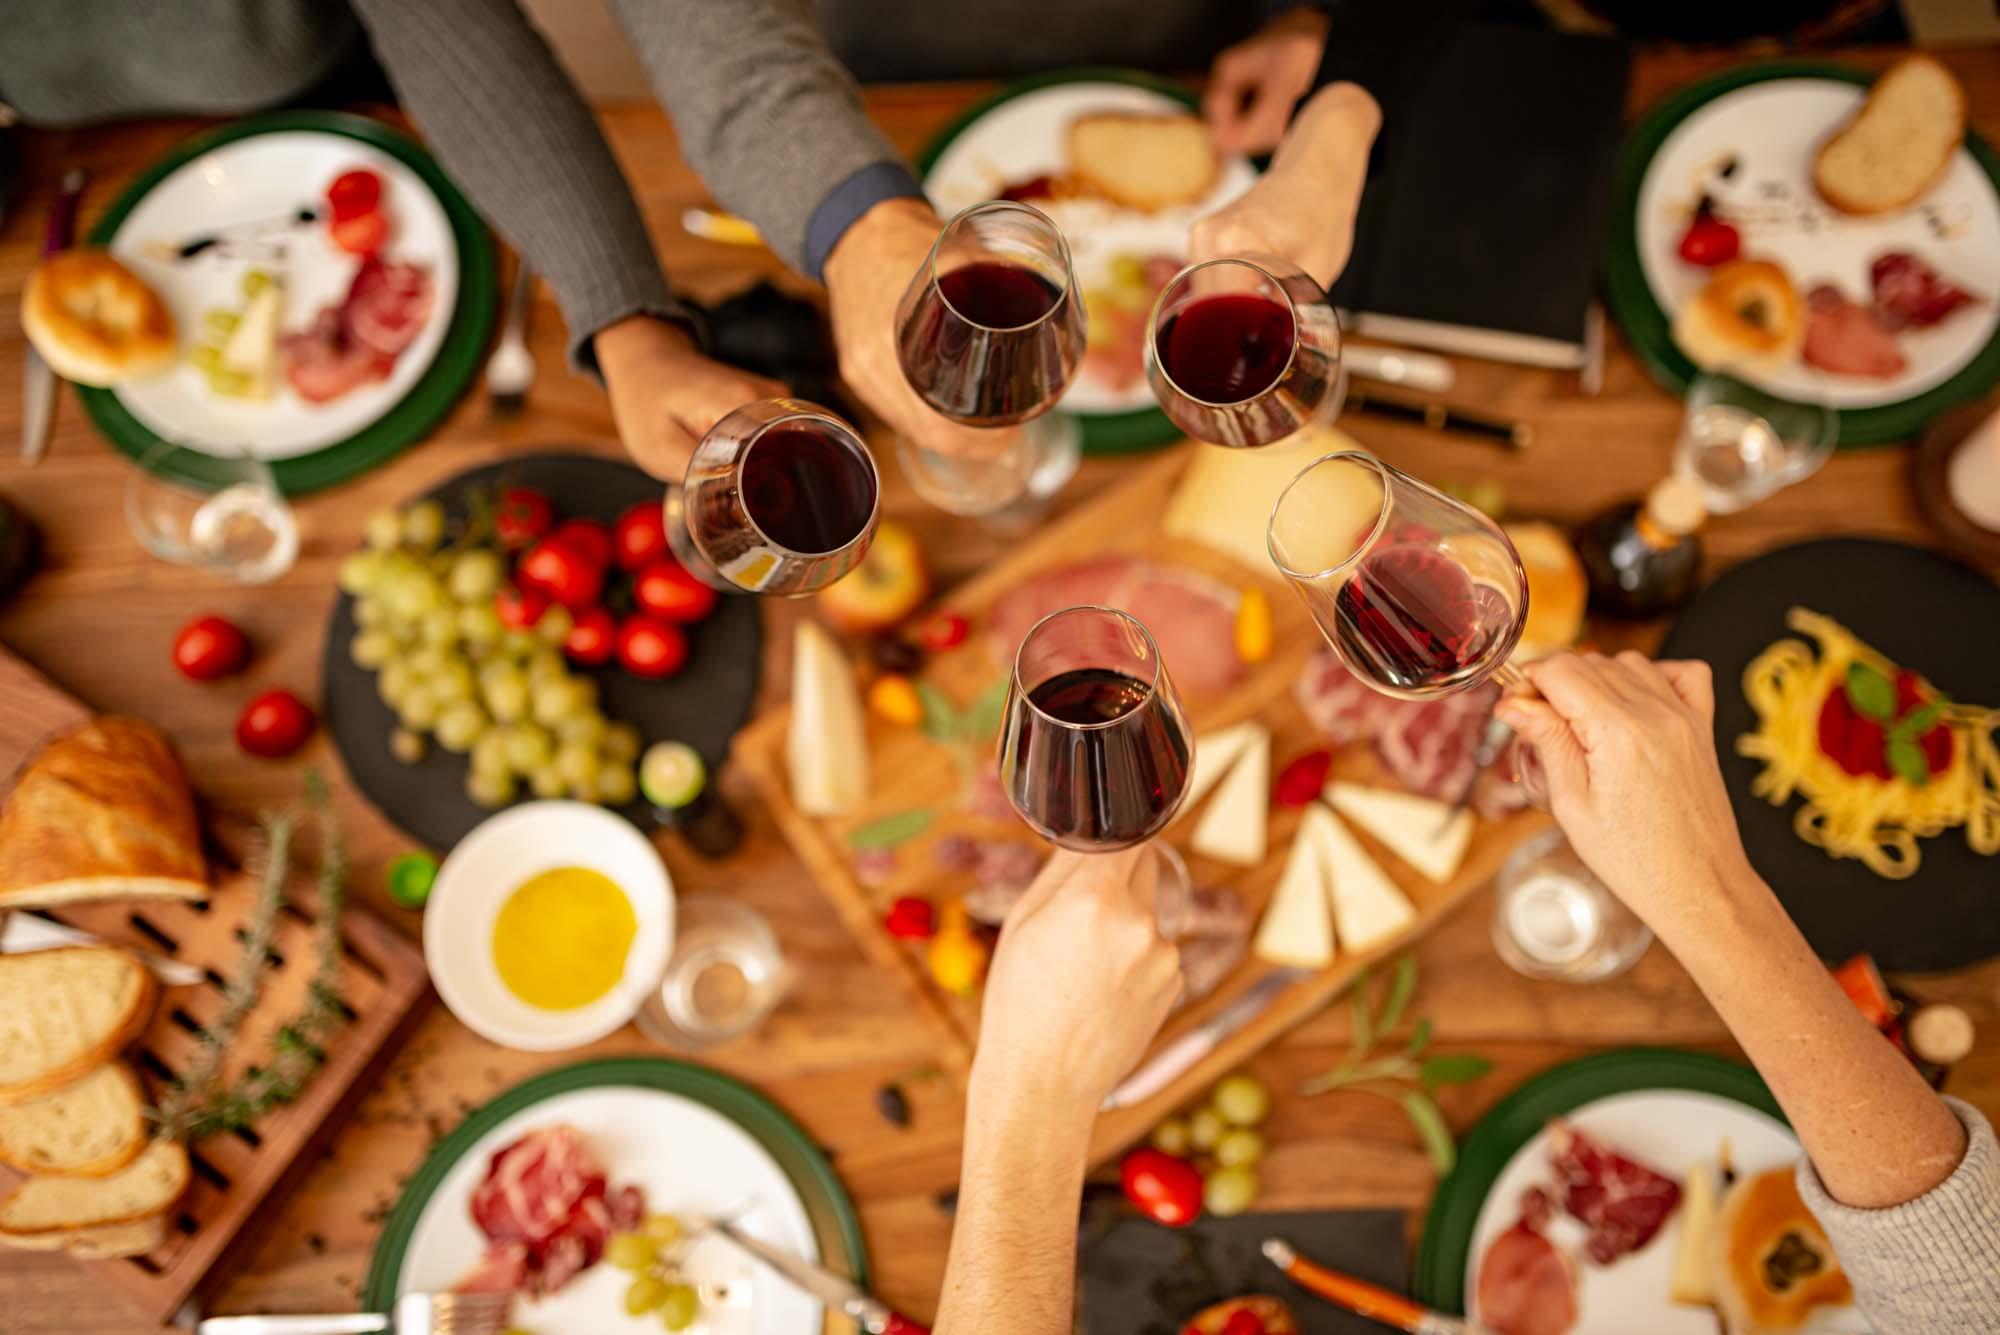 Degustazioni Enogastronomiche Eventi Aziendali a Bologna